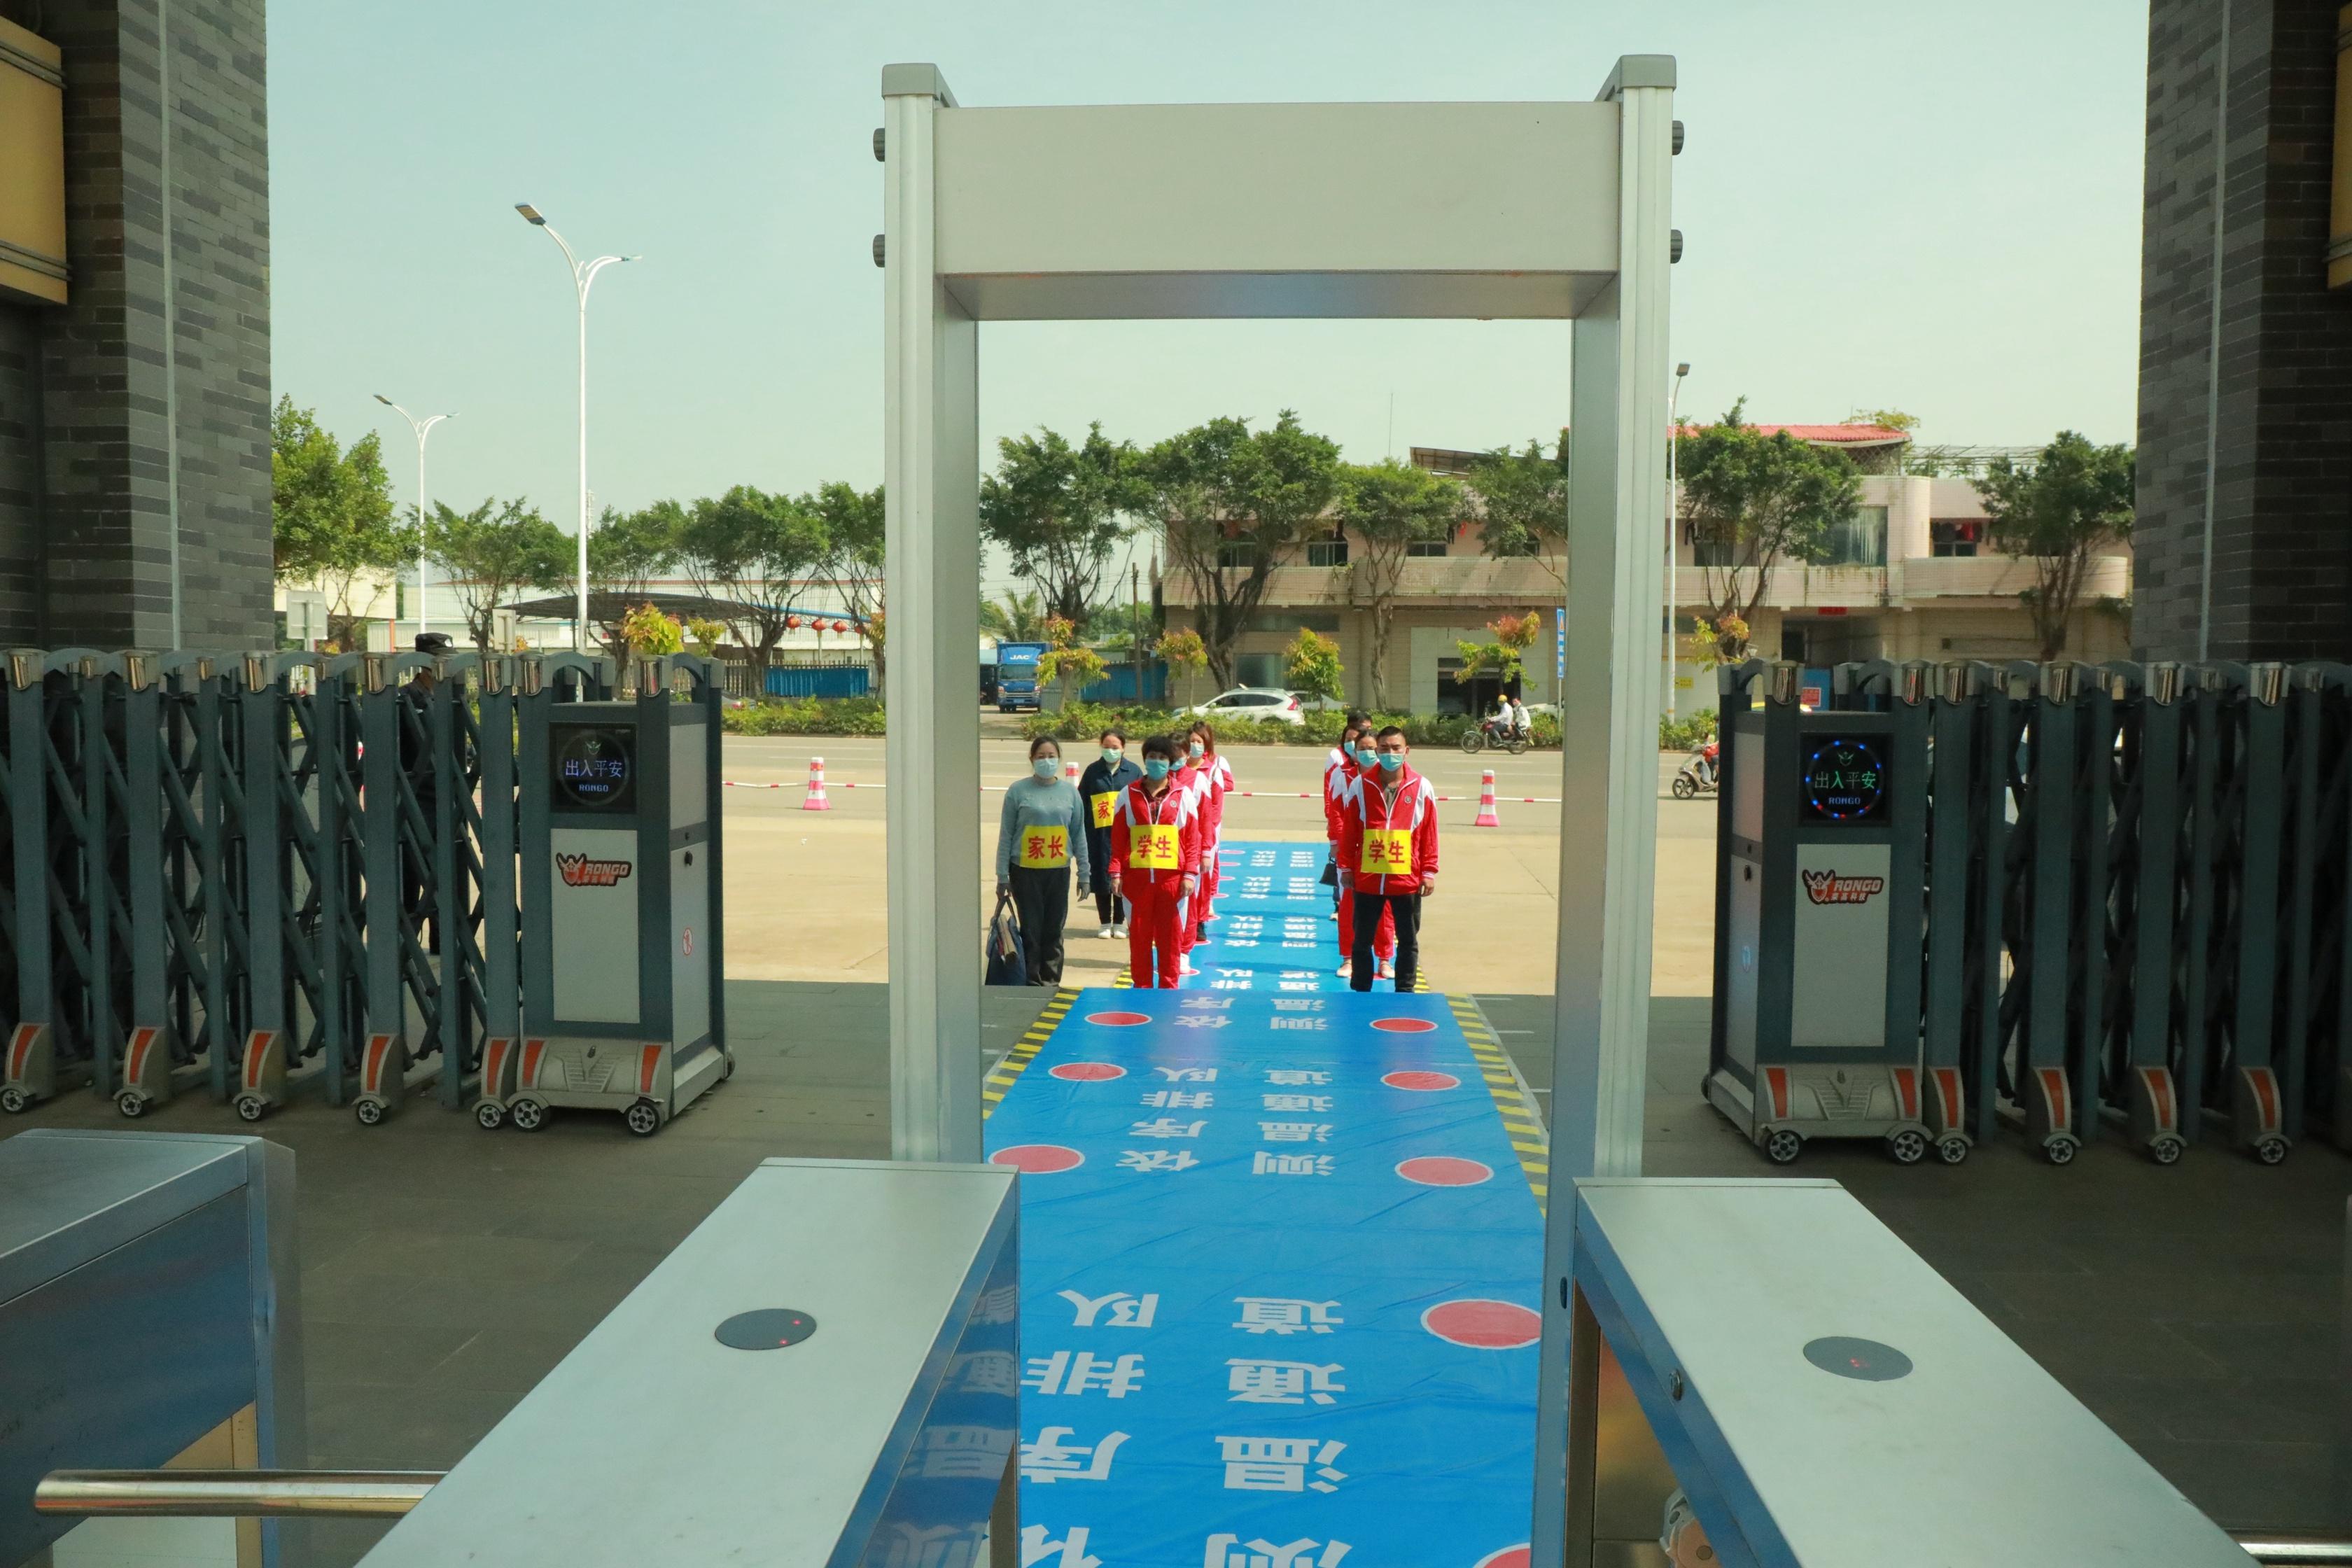 4月15日,湛江市北大附属实验学校开展应急演练,师生间隔1米有序通过红外线测温仪进入校园